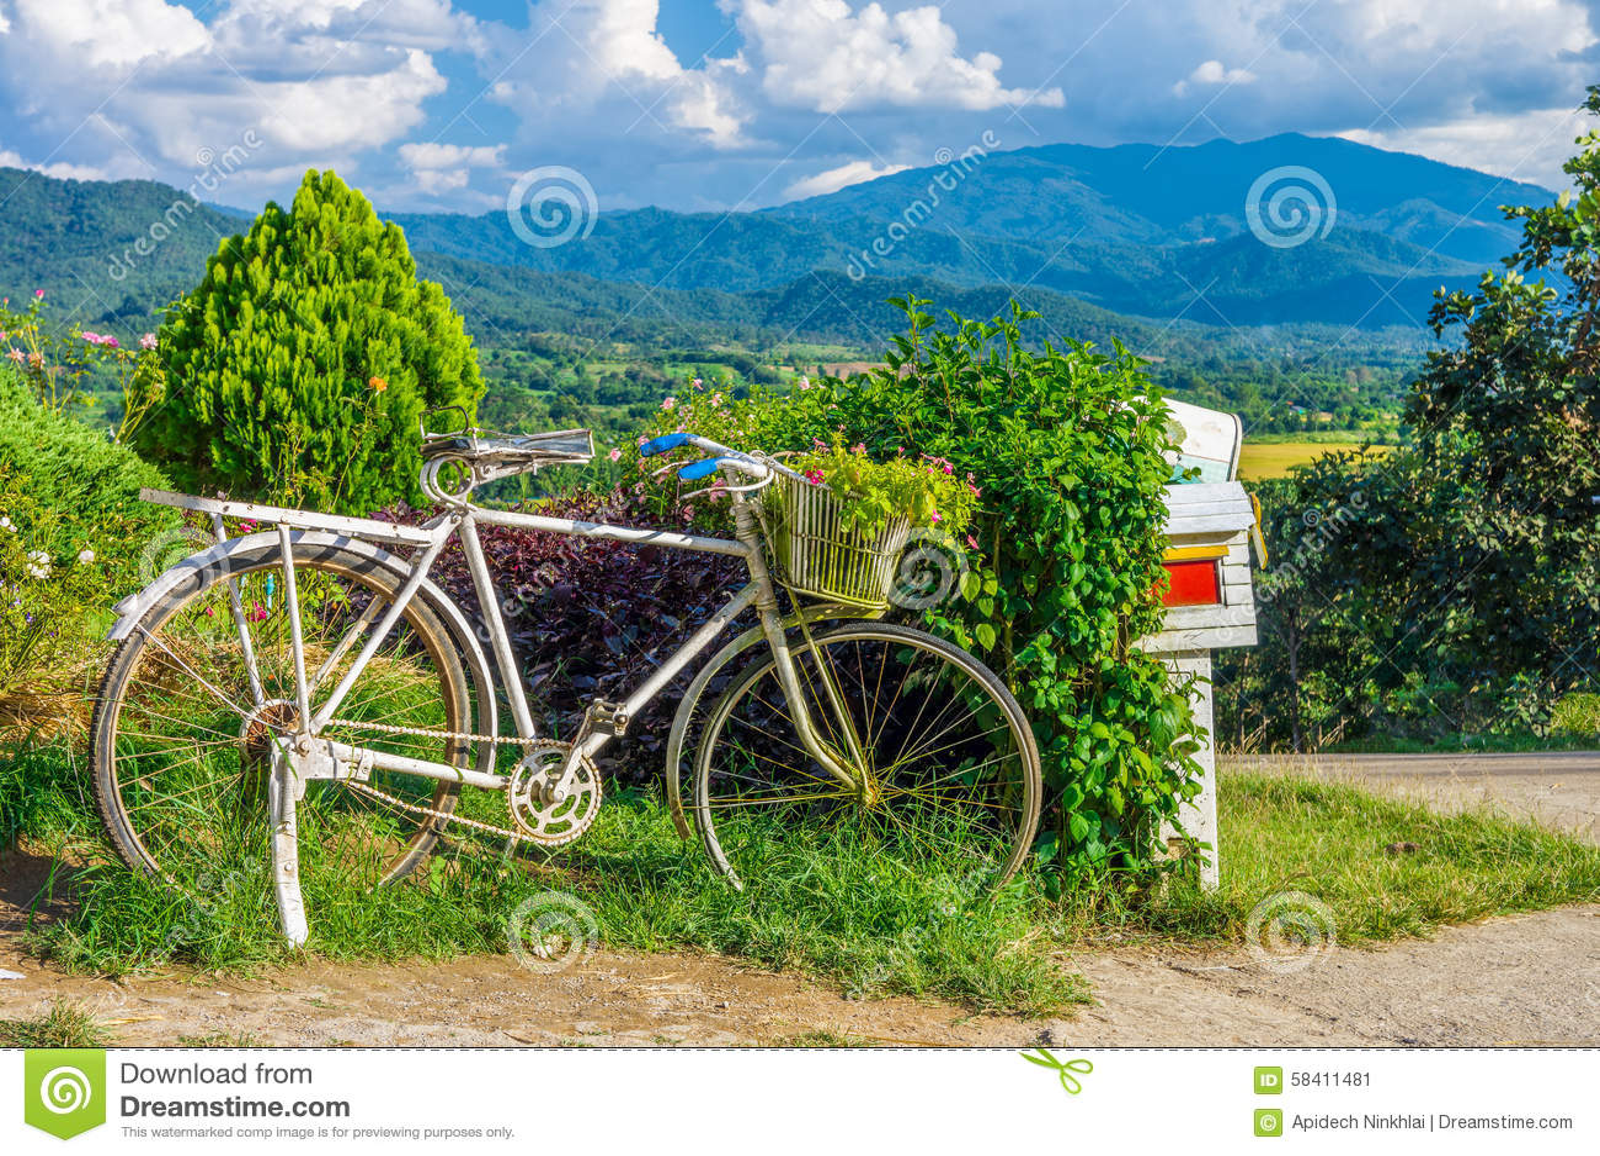 bicicleta y flores viejas en el jardn para la decoracin exterior